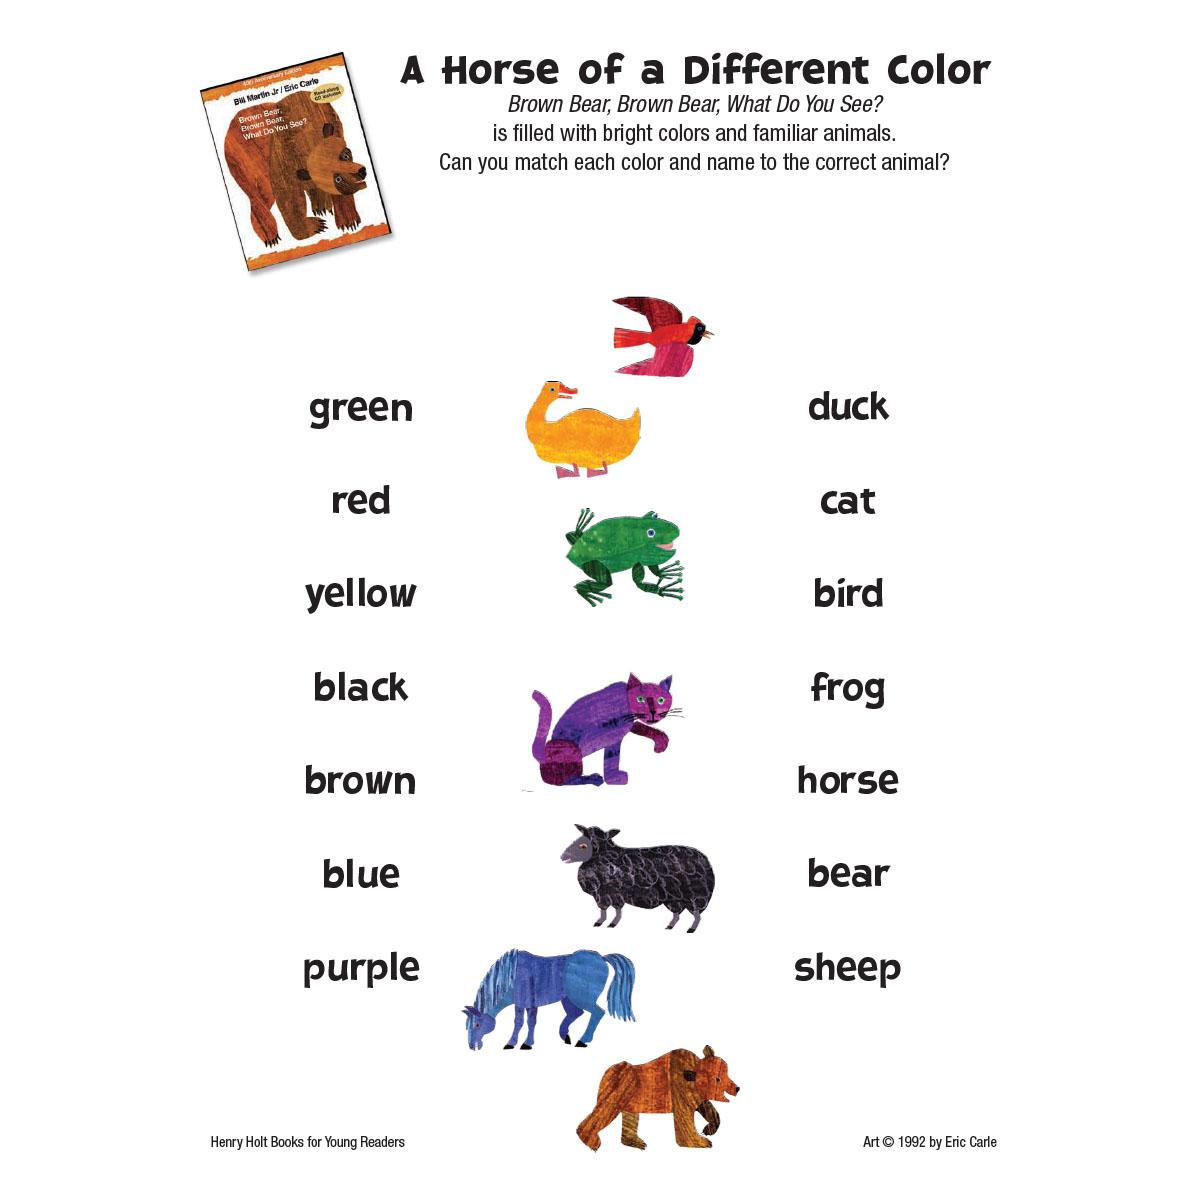 Brown Bear: Colors